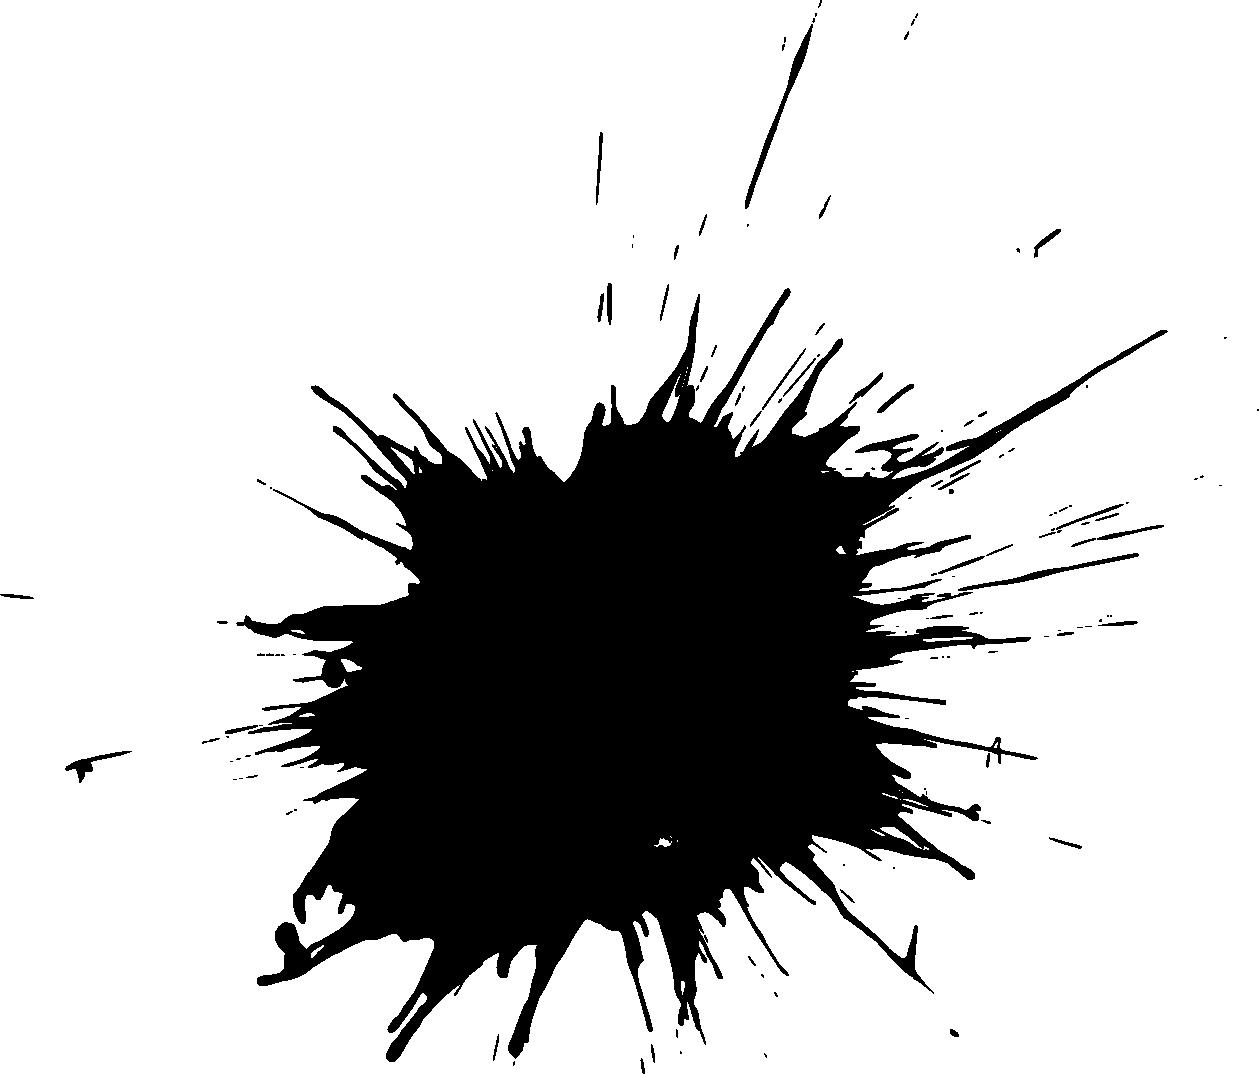 Paintball splatter black background